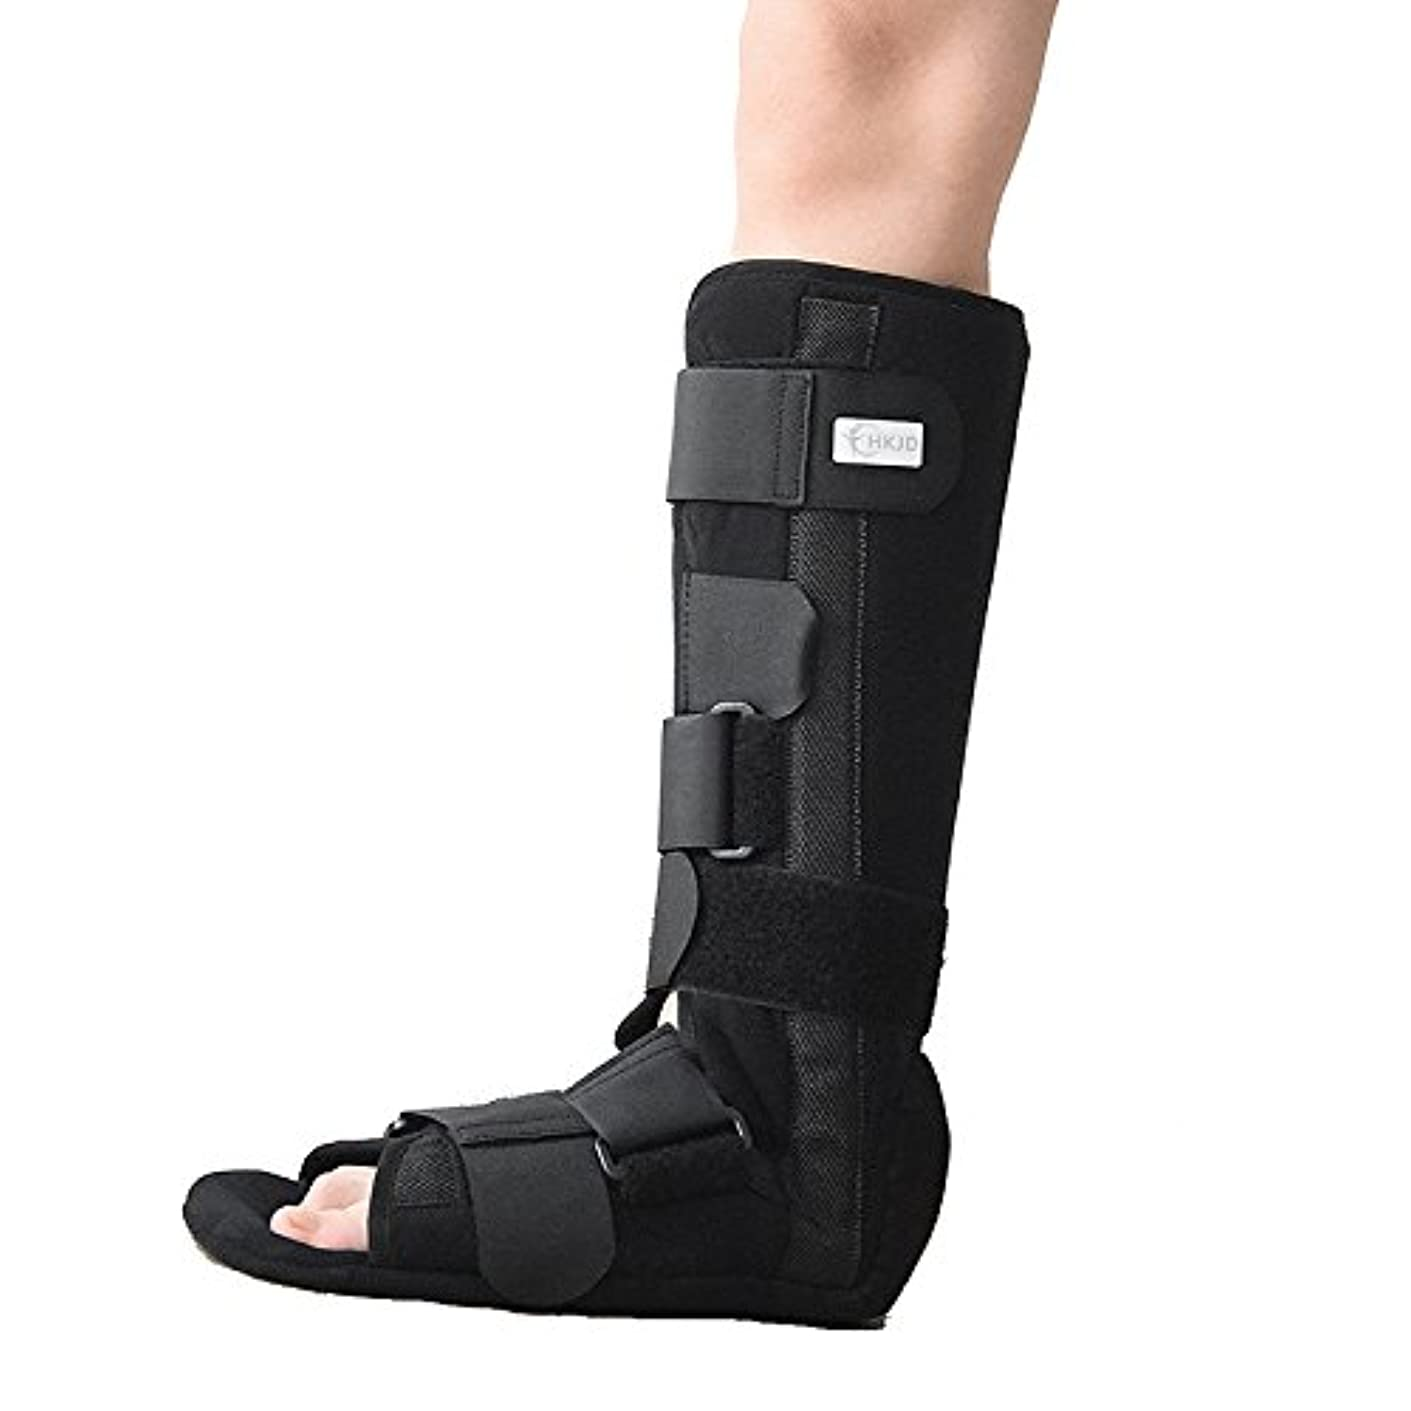 素晴らしい良い多くのテレビ垂直足首骨折リハビリ固定足首膝ライナー歩行者ウォーカーブーツ足首足矯正